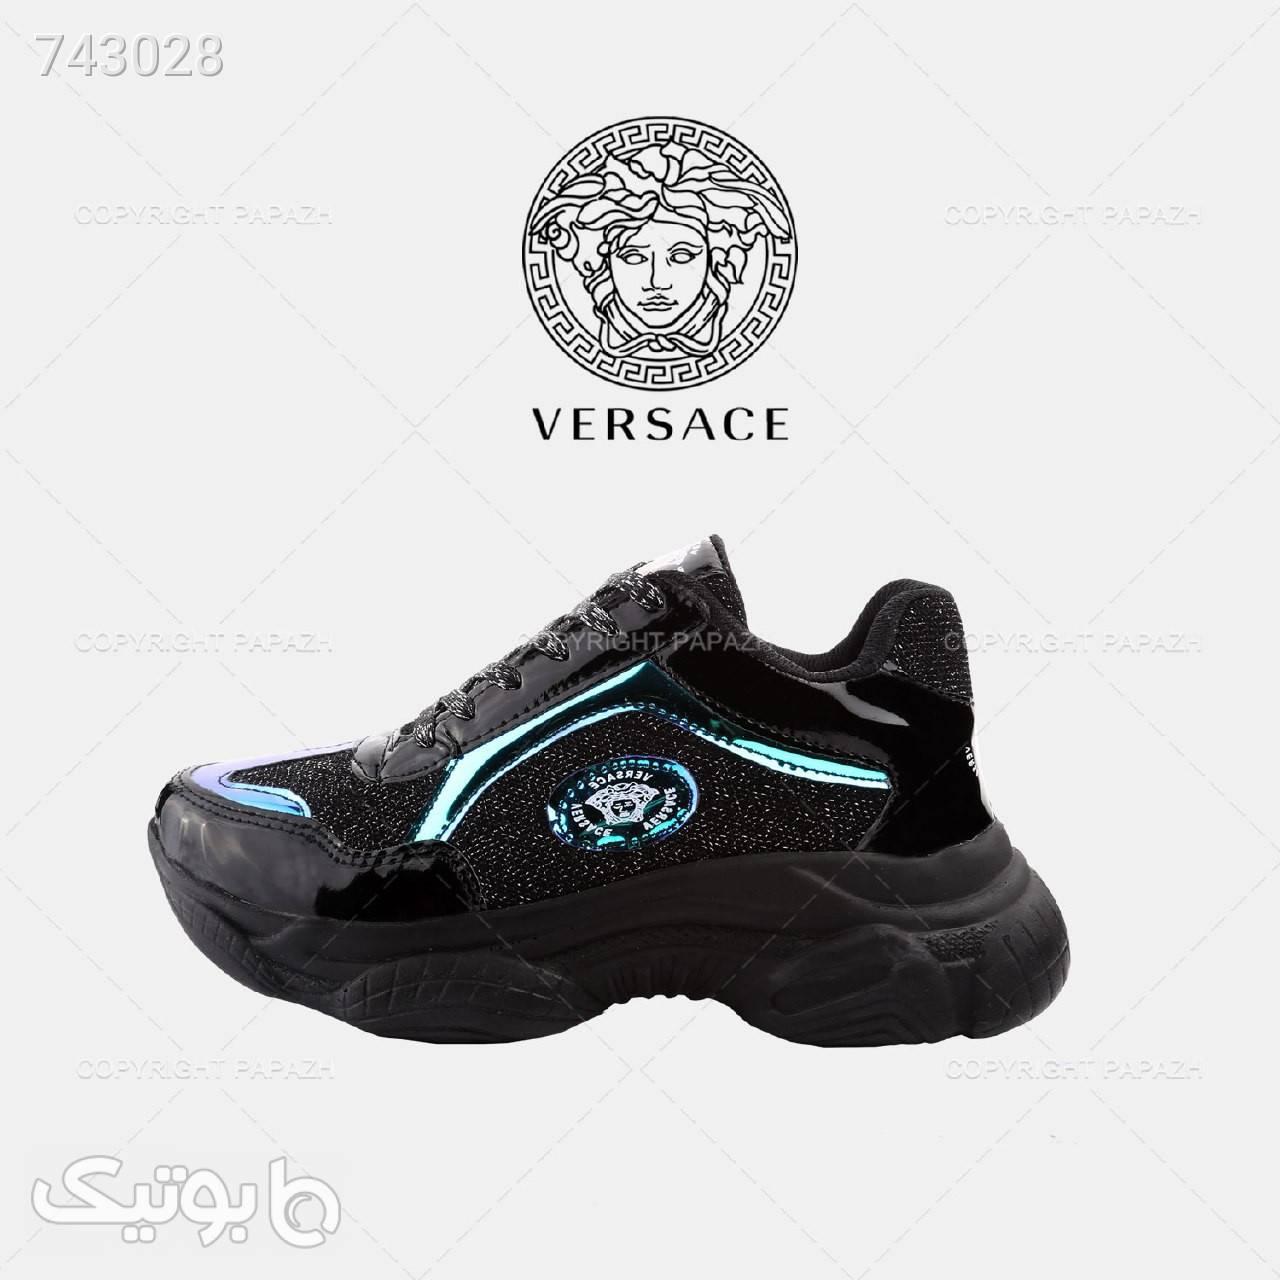 کفش زنانه VERSACE مدل 1249 مشکی كتانی زنانه